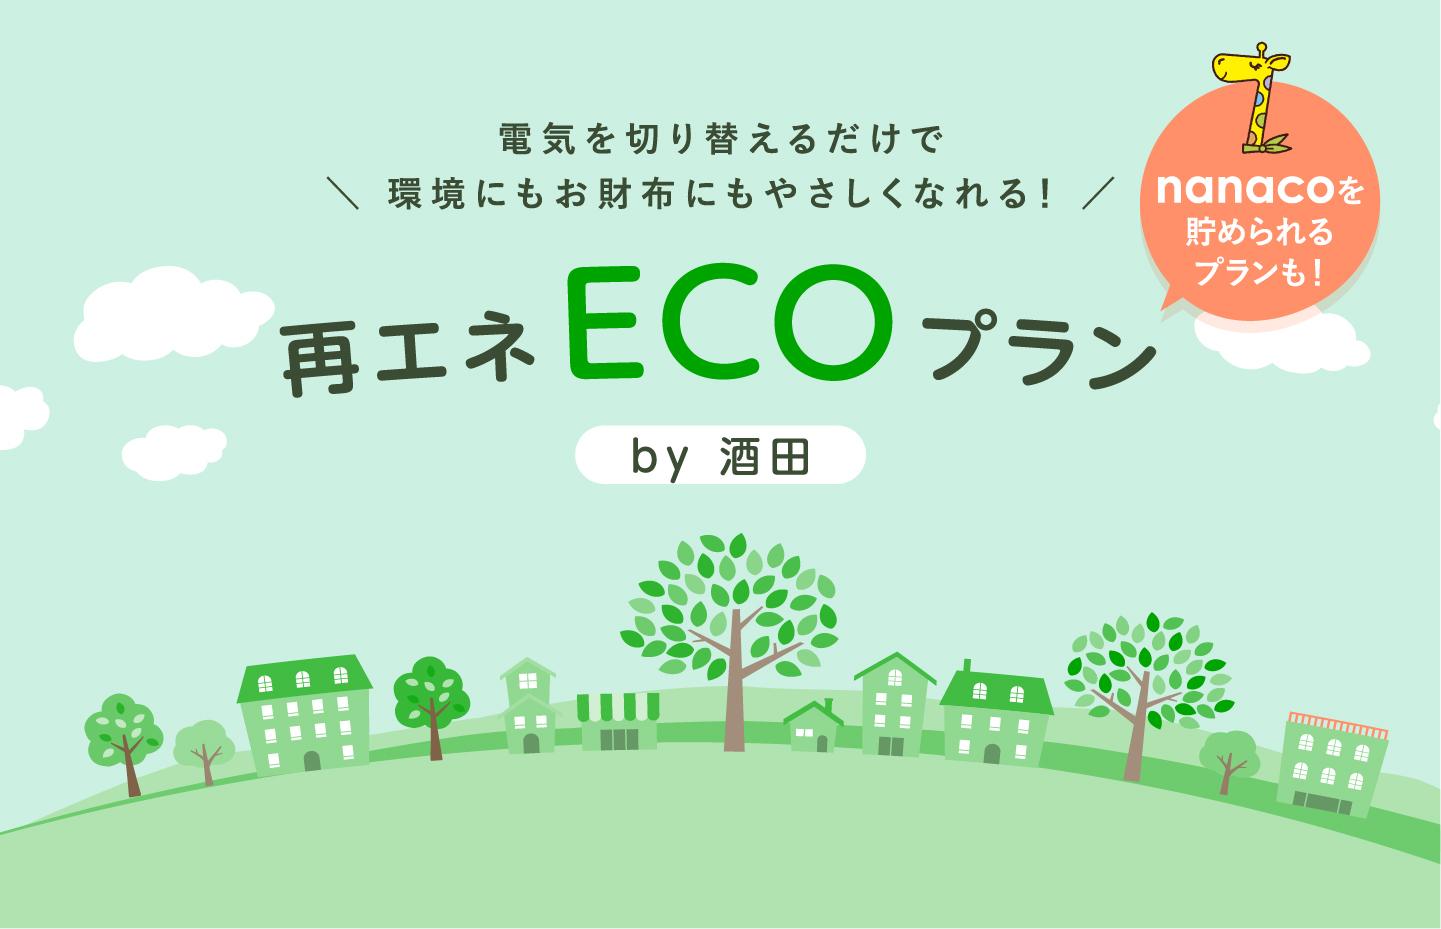 電気を切り替えるだけで環境にもお財布にもやさしくなれる、再エネECOプランby酒田。nanacoを貯められるプランも!